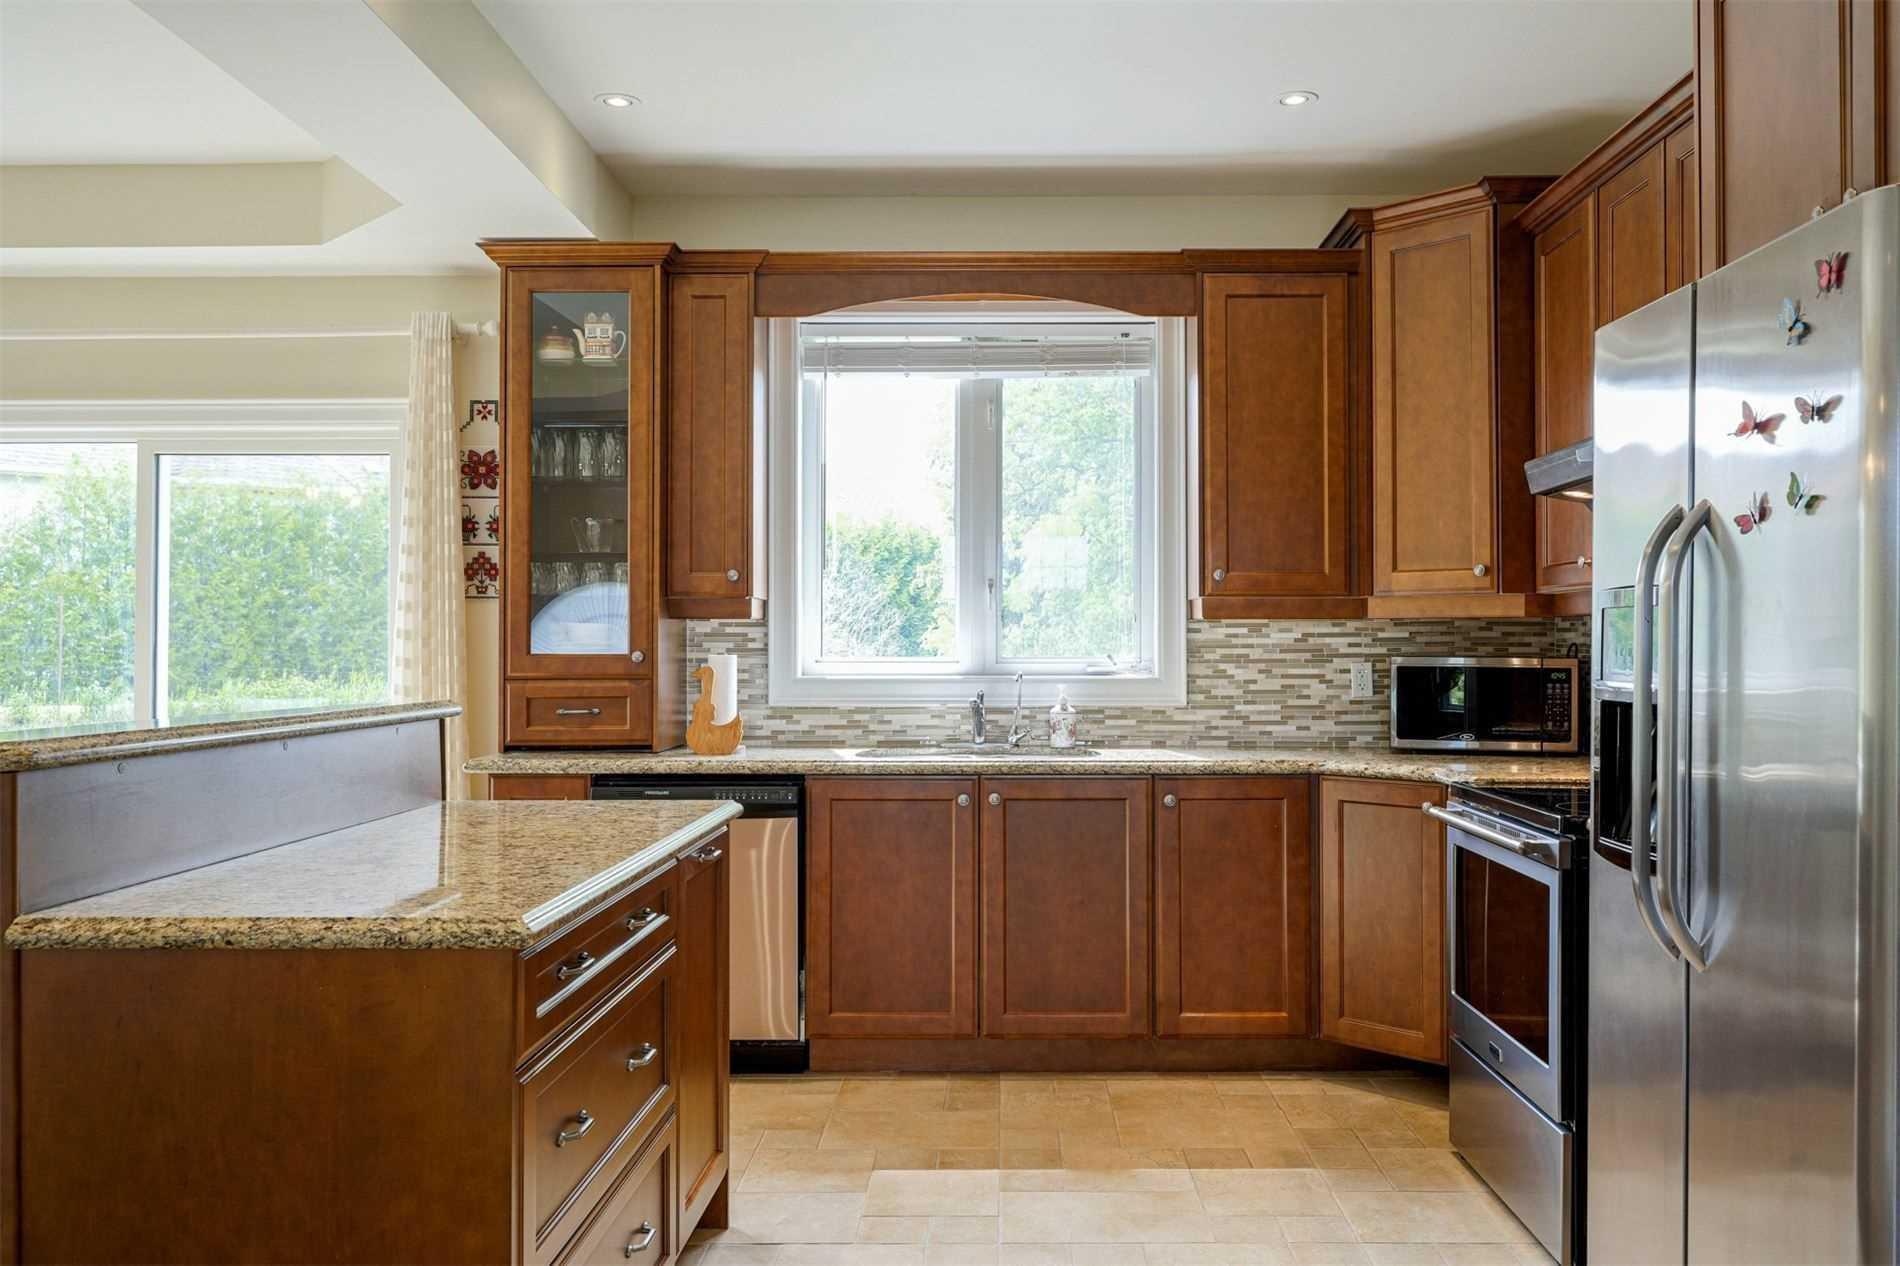 315 Highway 47 Rd - Rural Uxbridge Detached for sale, 3 Bedrooms (N5306115) - #14